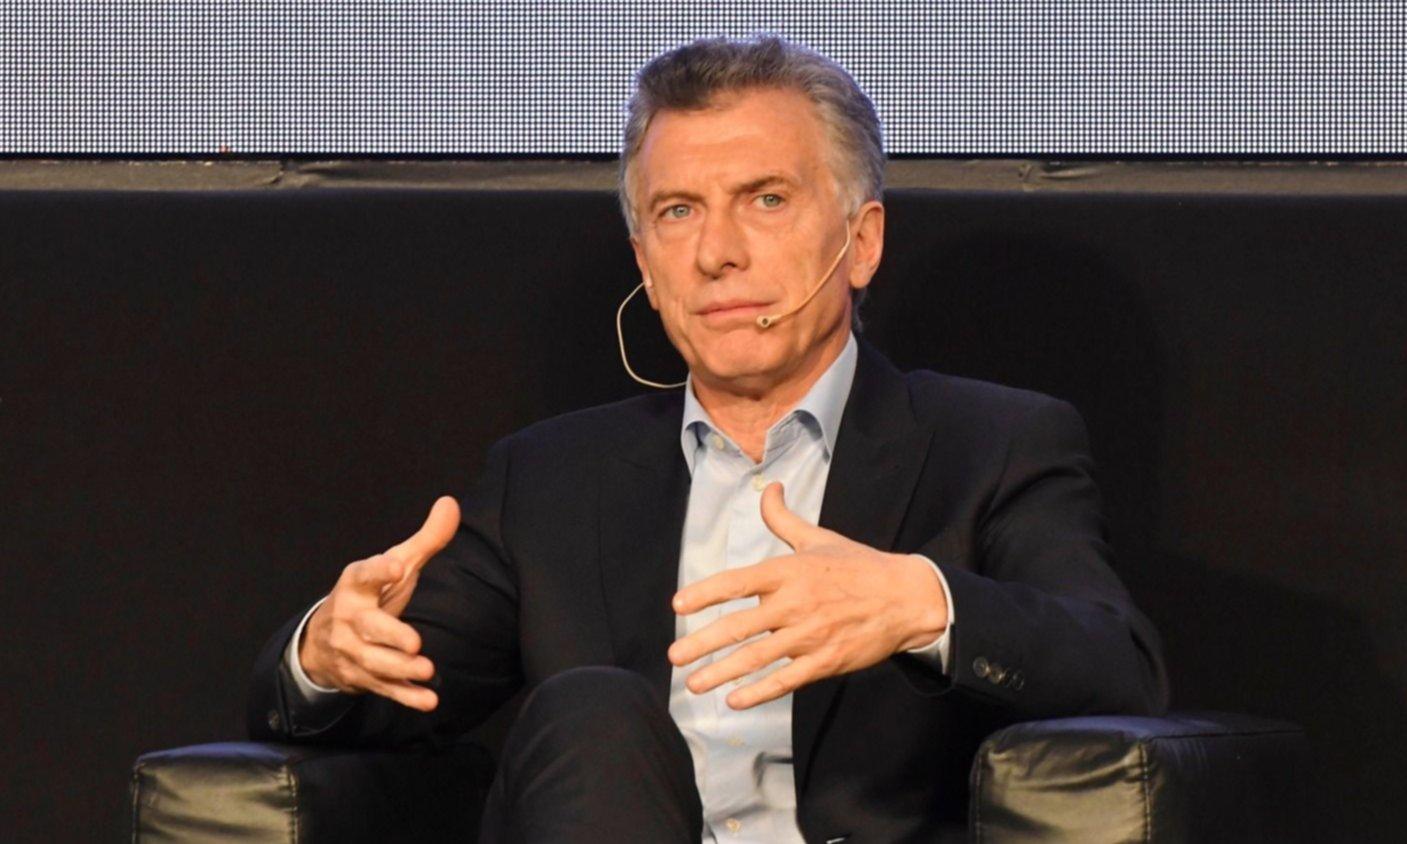 Macri reaparece en público en medio del escándalo por el espionaje ilegal